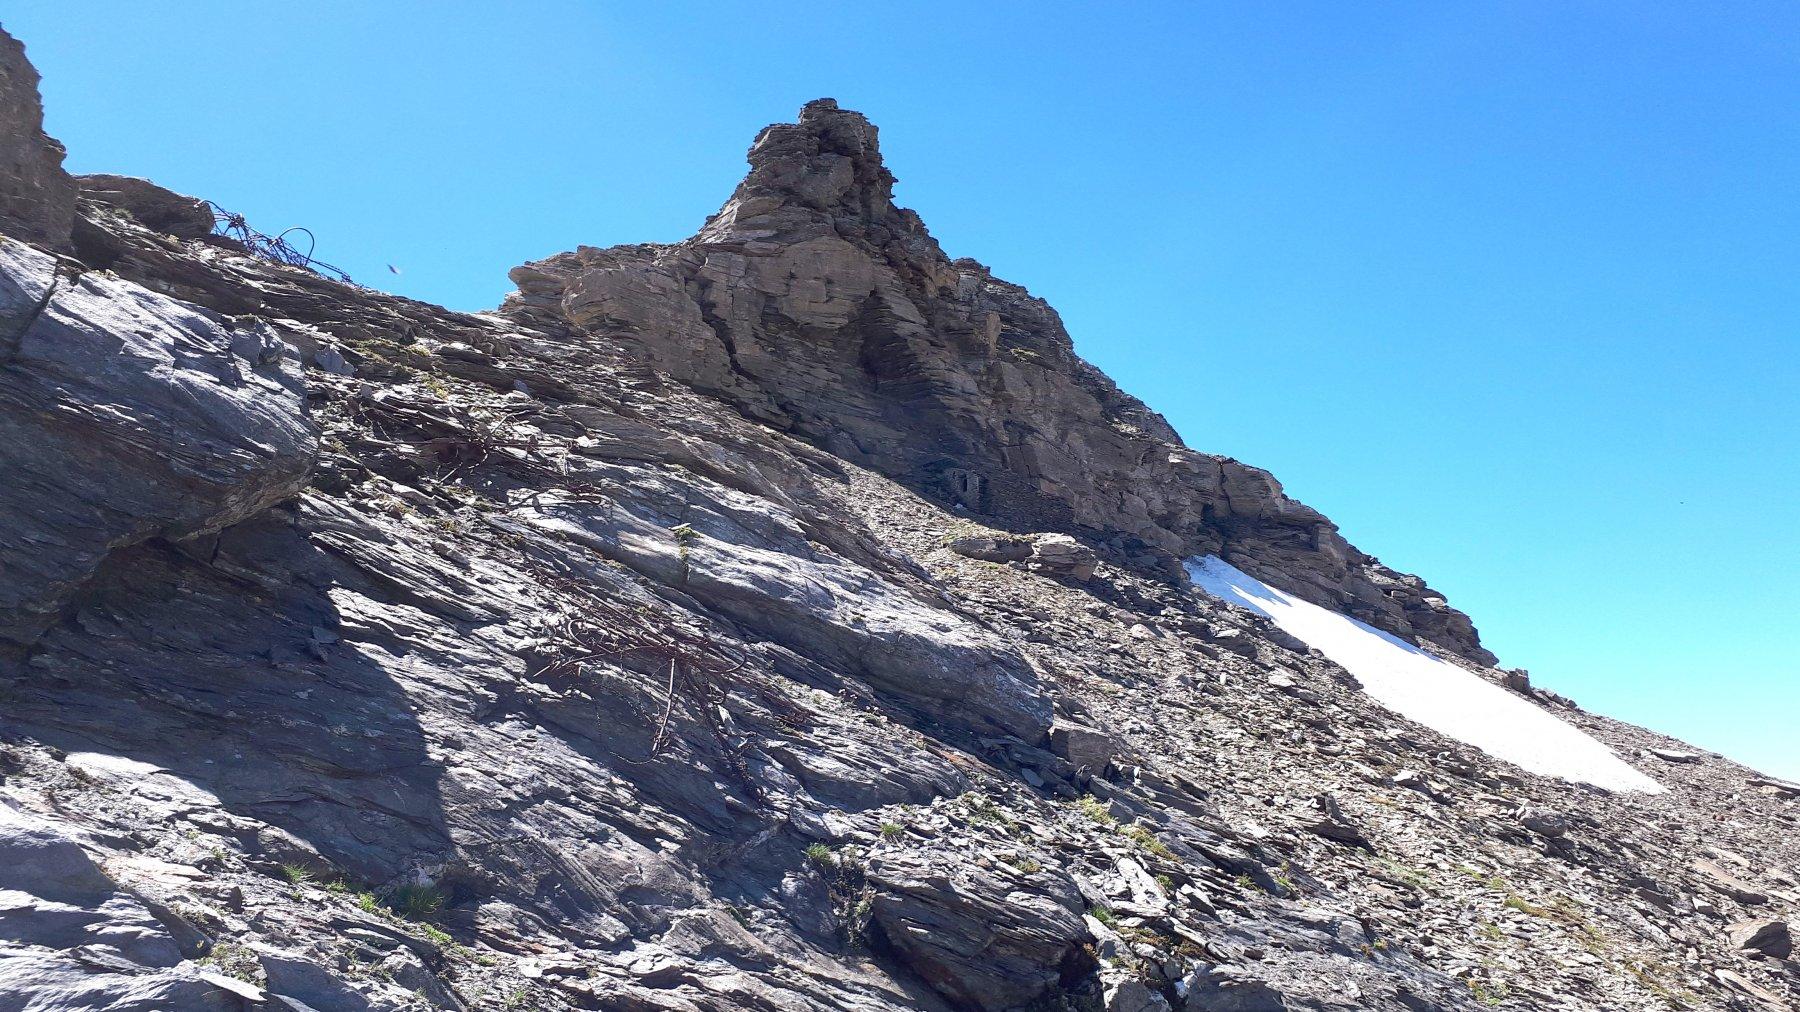 Vetta, ultimi metri da arrampicare